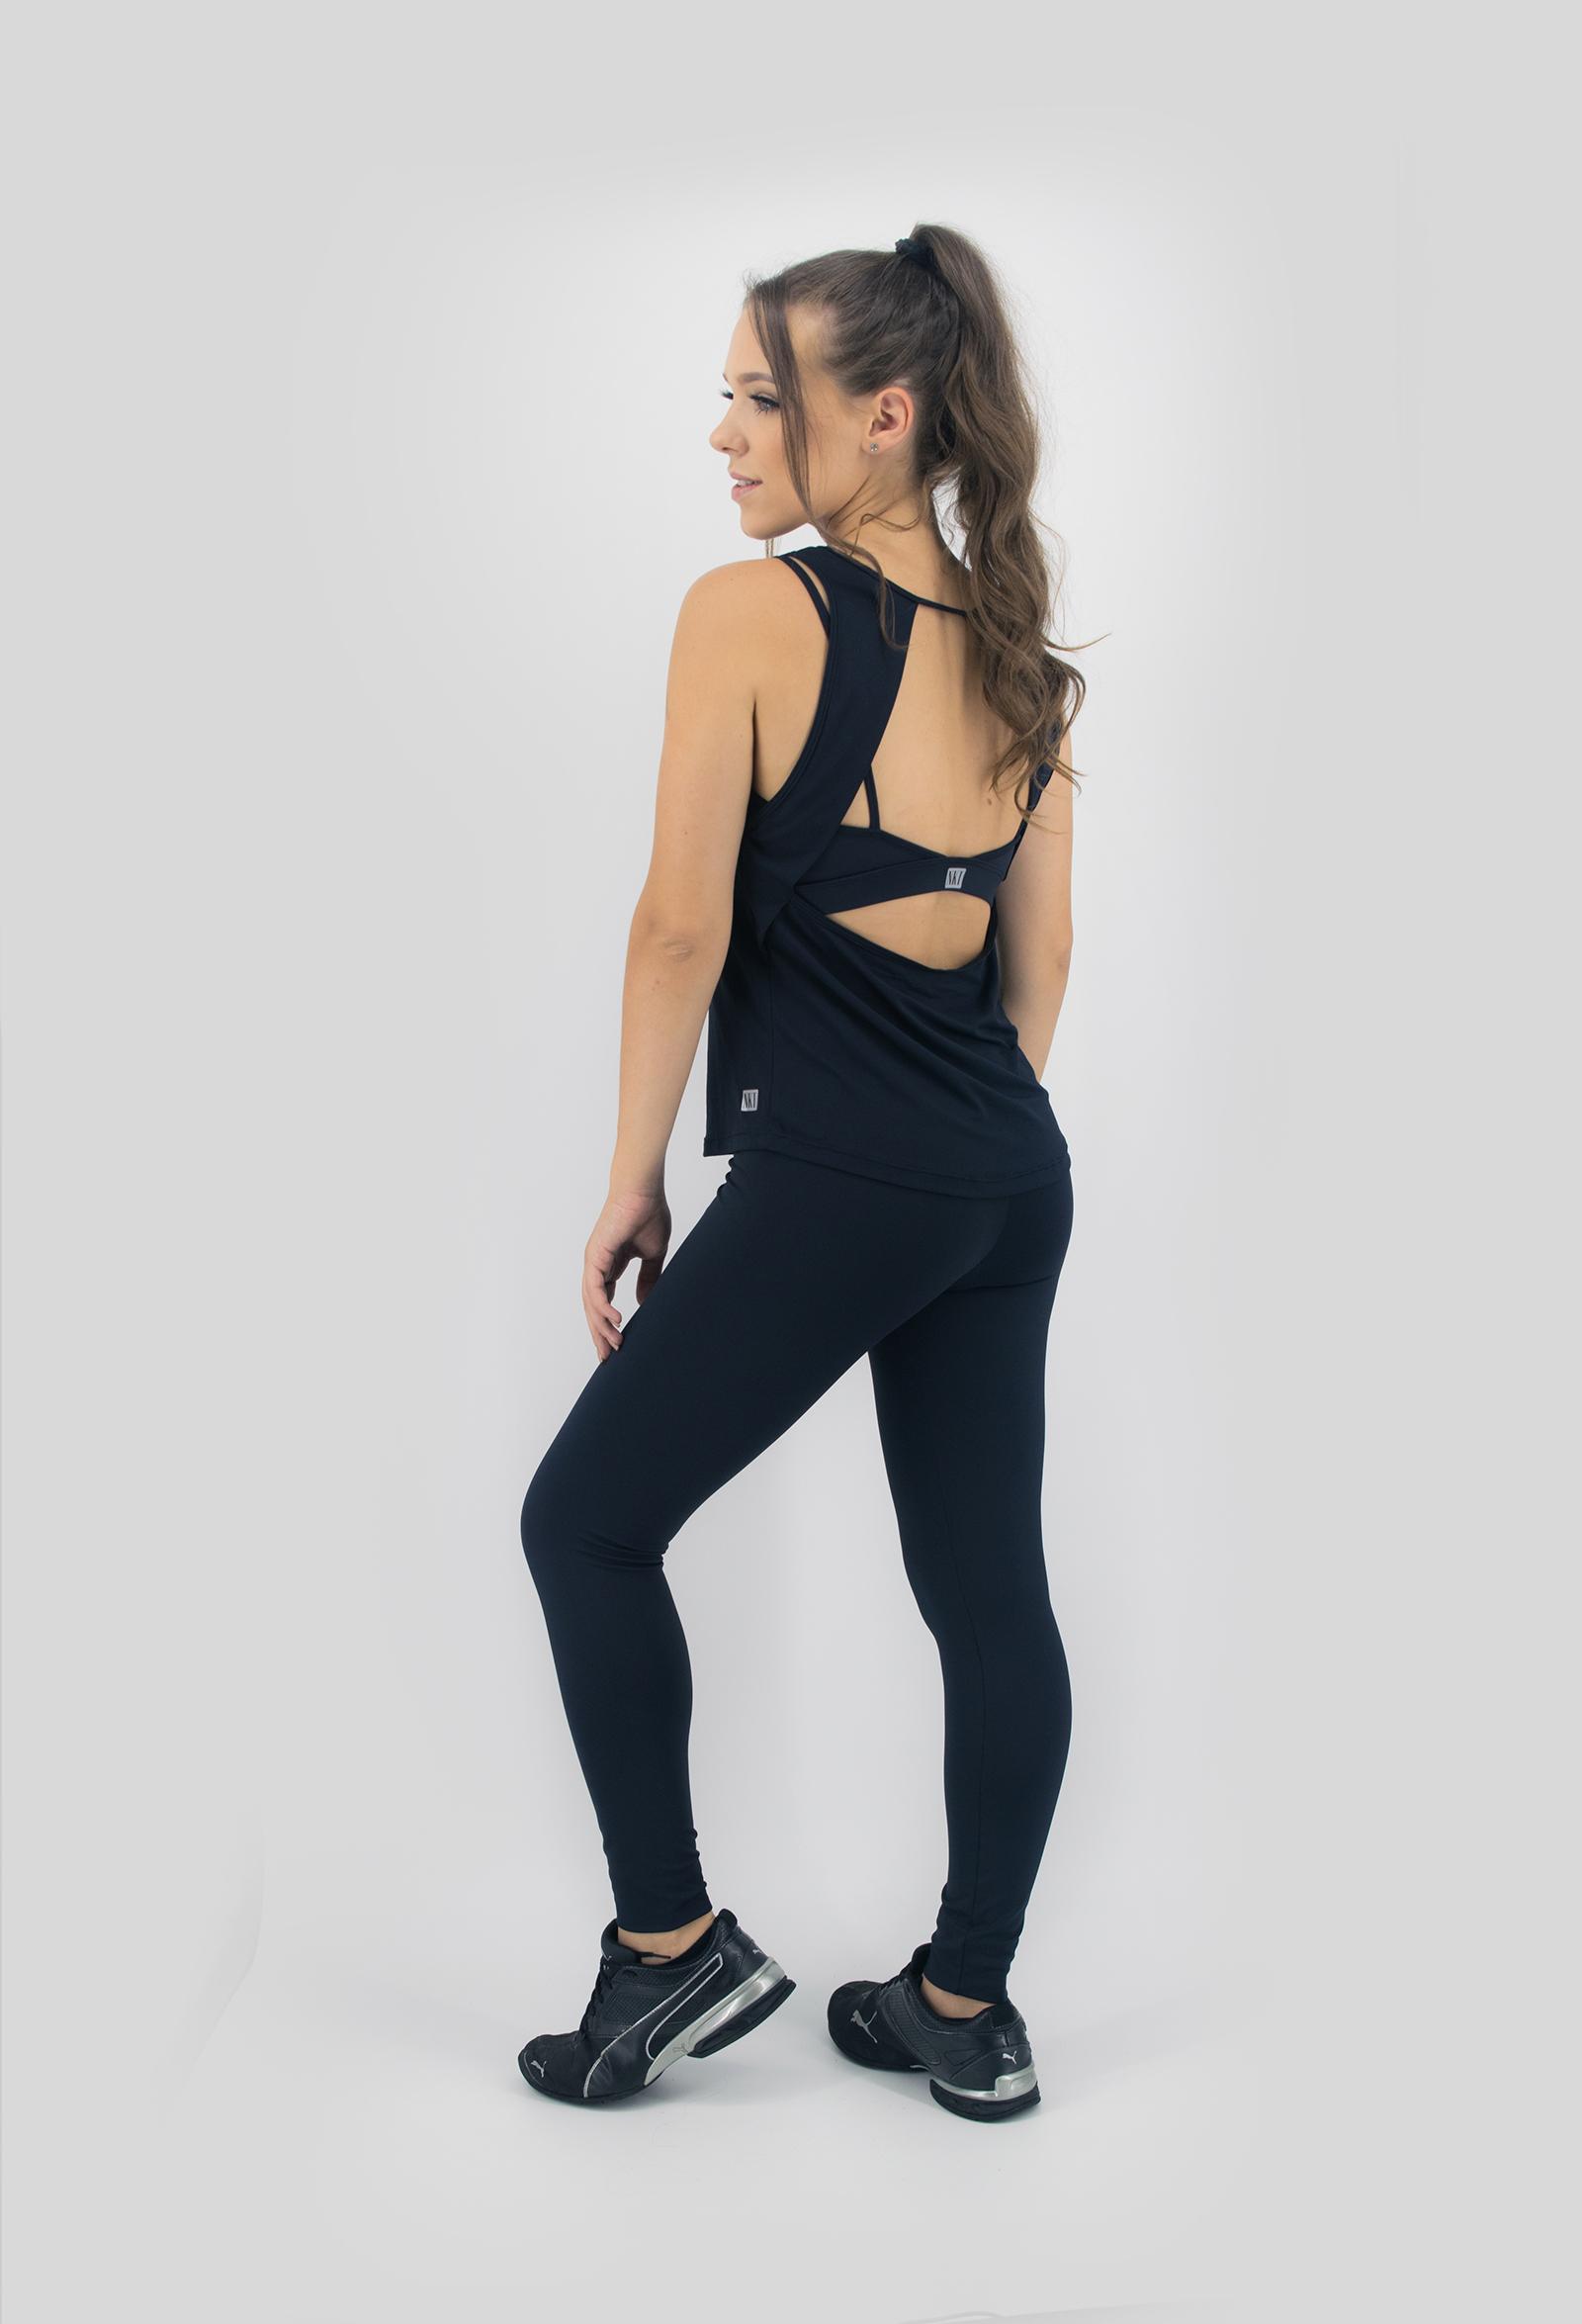 Regata Lux Preta, Coleção Move Your Body - NKT Fitwear Moda Fitness